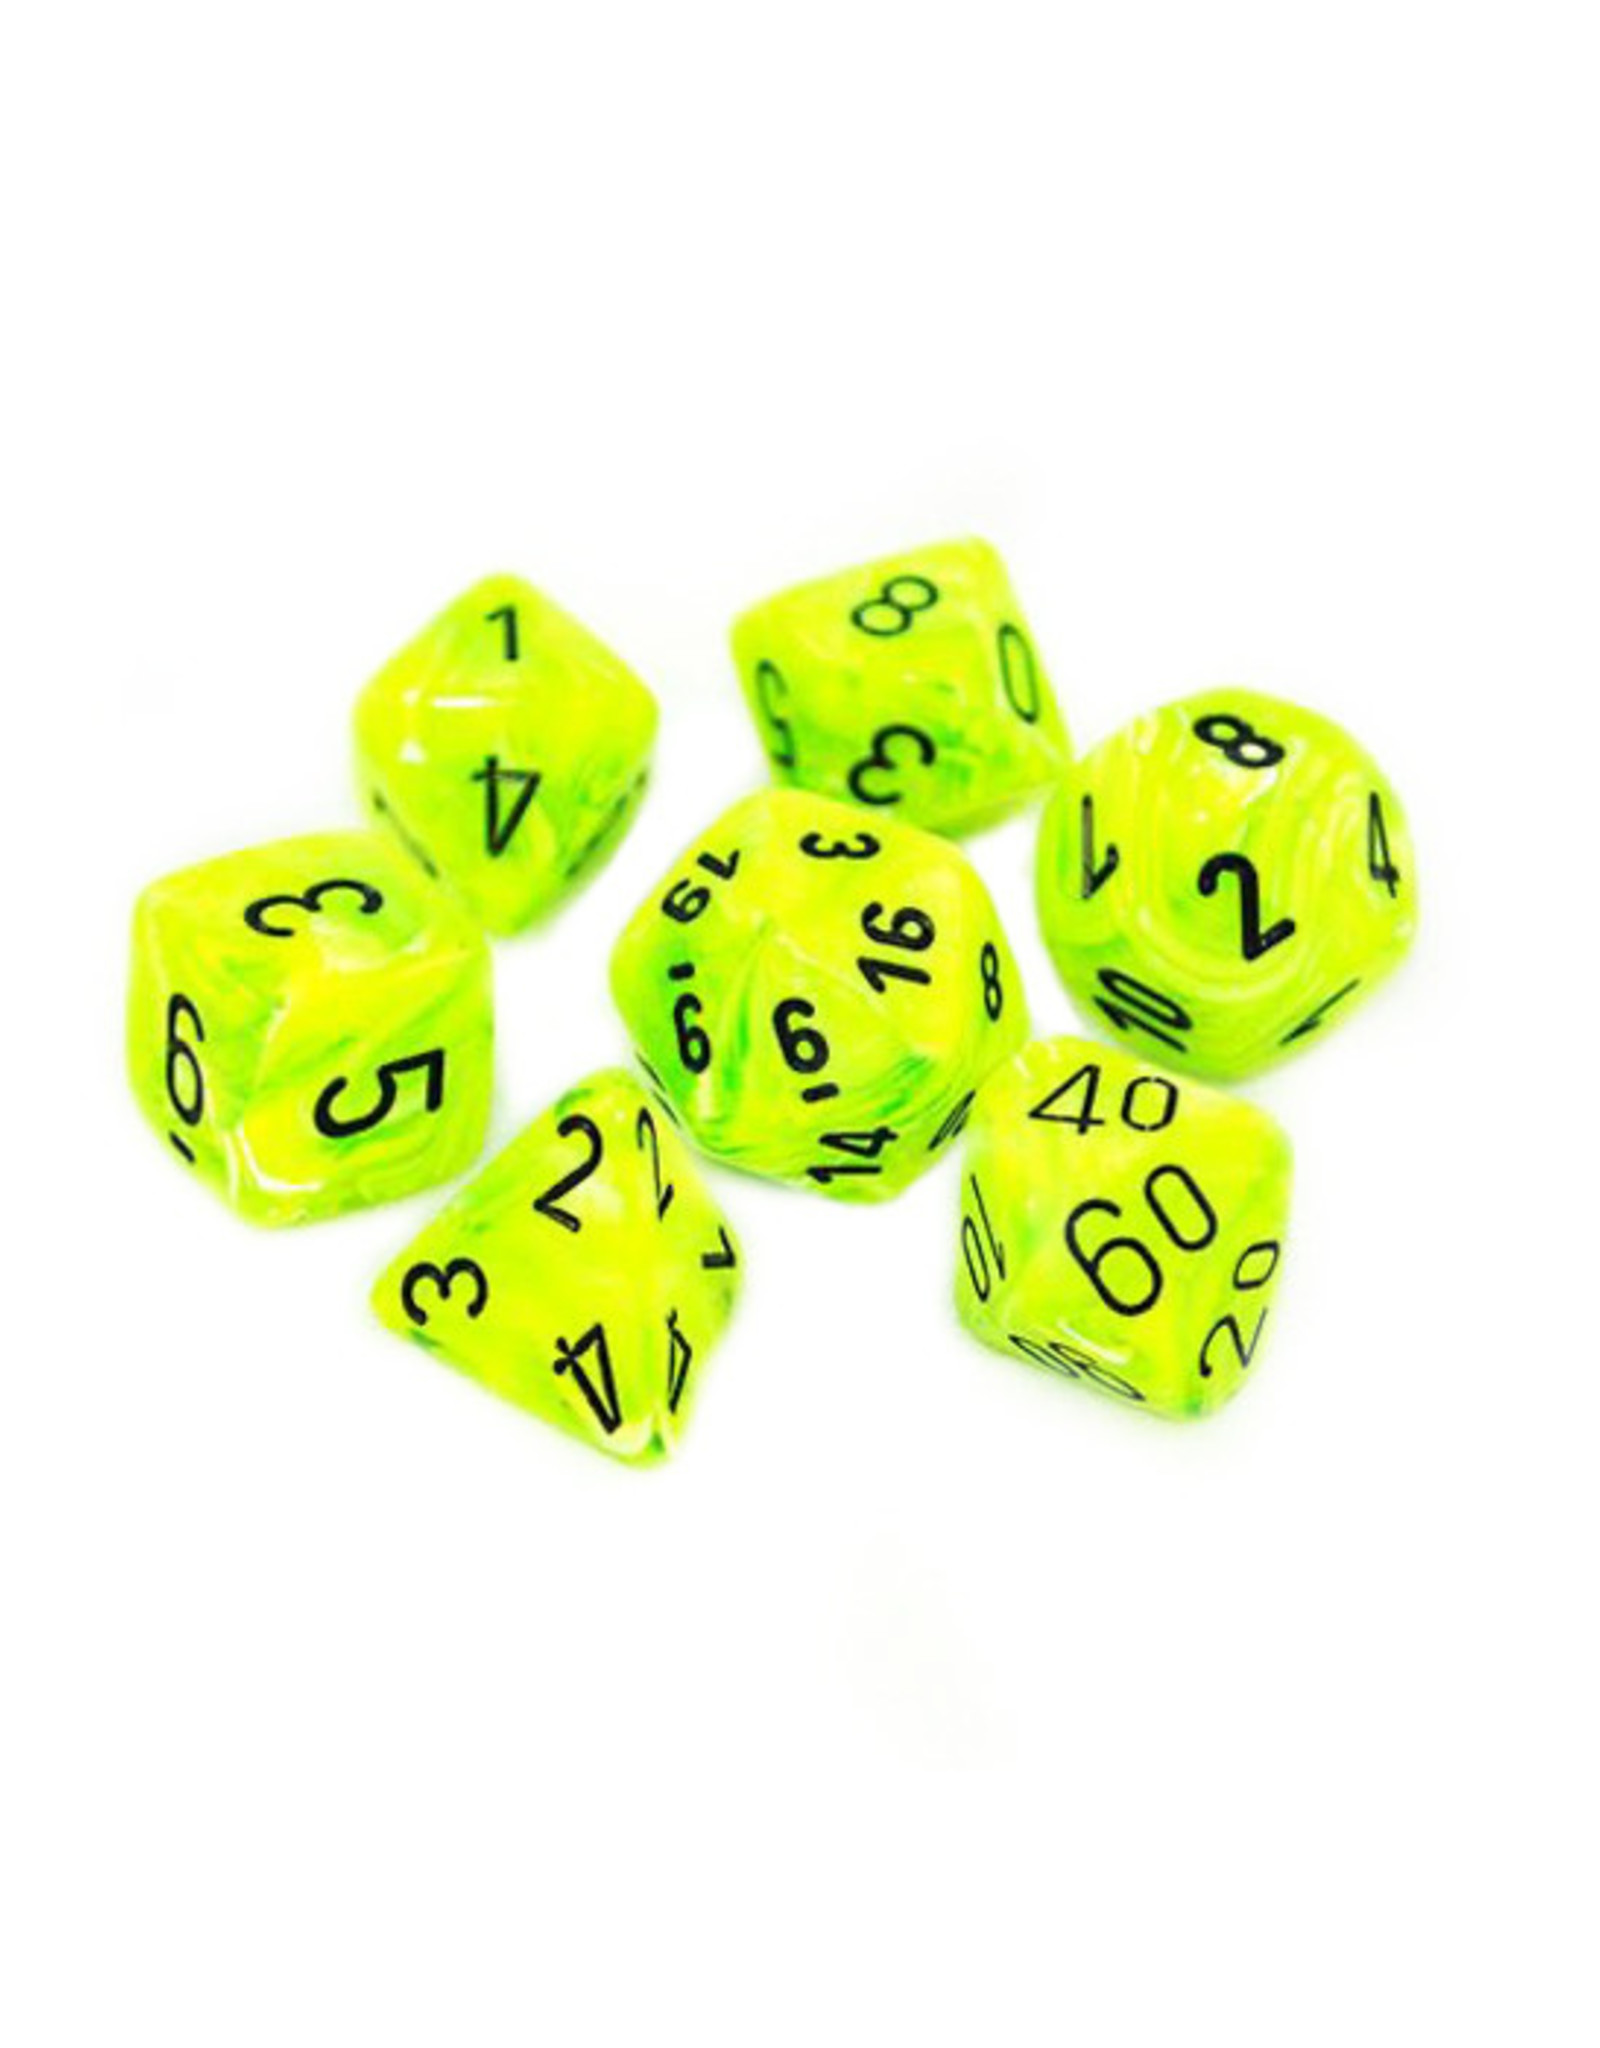 Chessex Chessex: Poly 7 Set - Vortex - Bright Green w/ Black